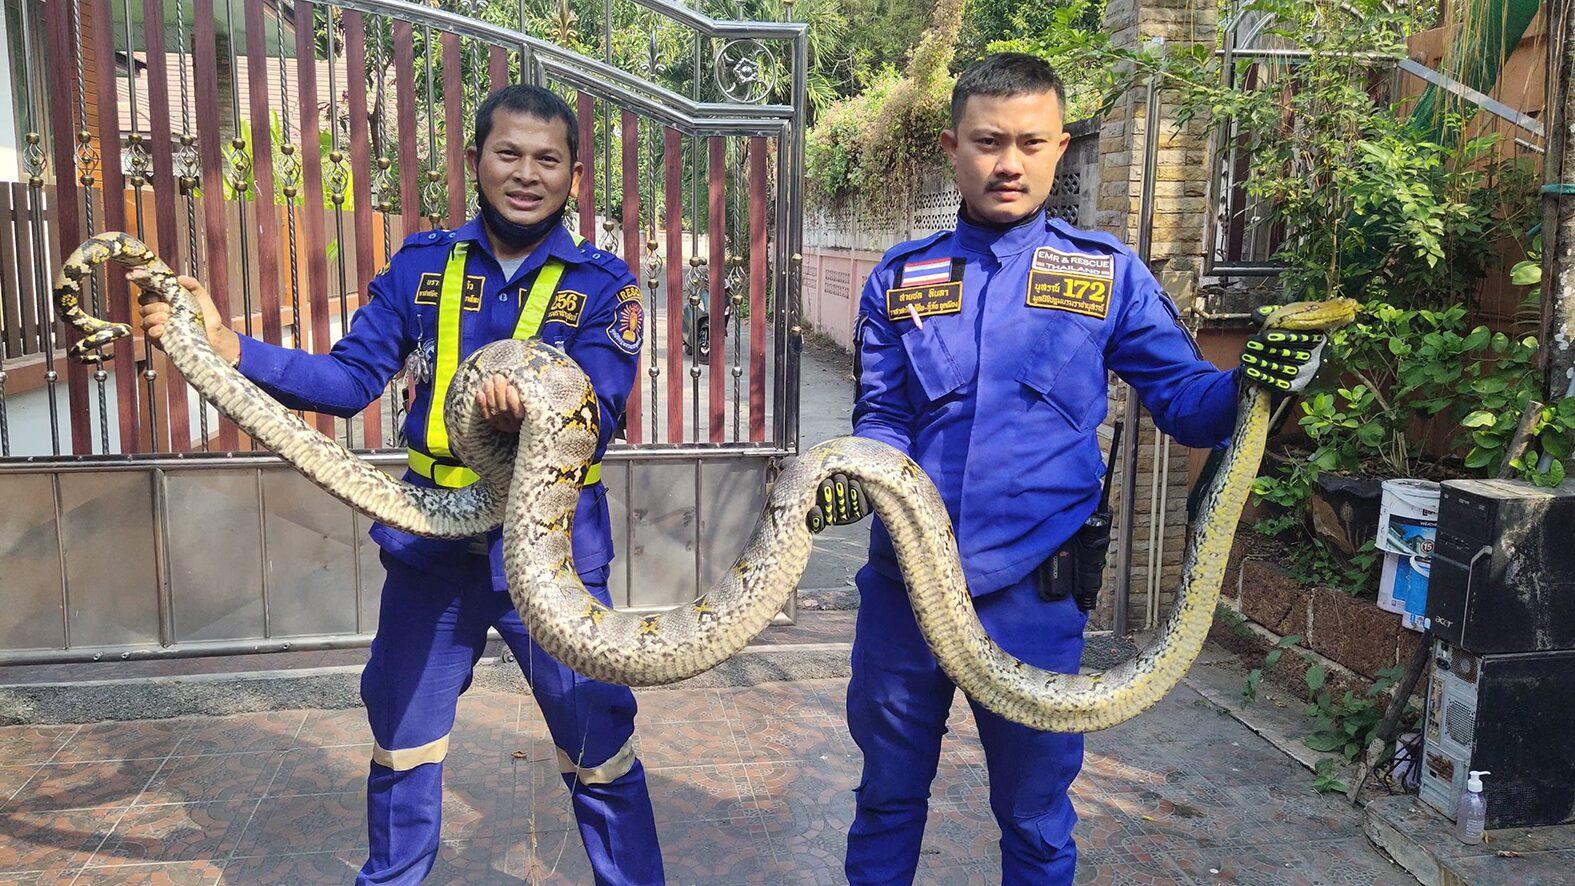 จับงูเหลือมยาว 4 เมตร ขณะเลื้อยข้ามกำแพง หวั่นอันตรายหากเข้าบ้าน